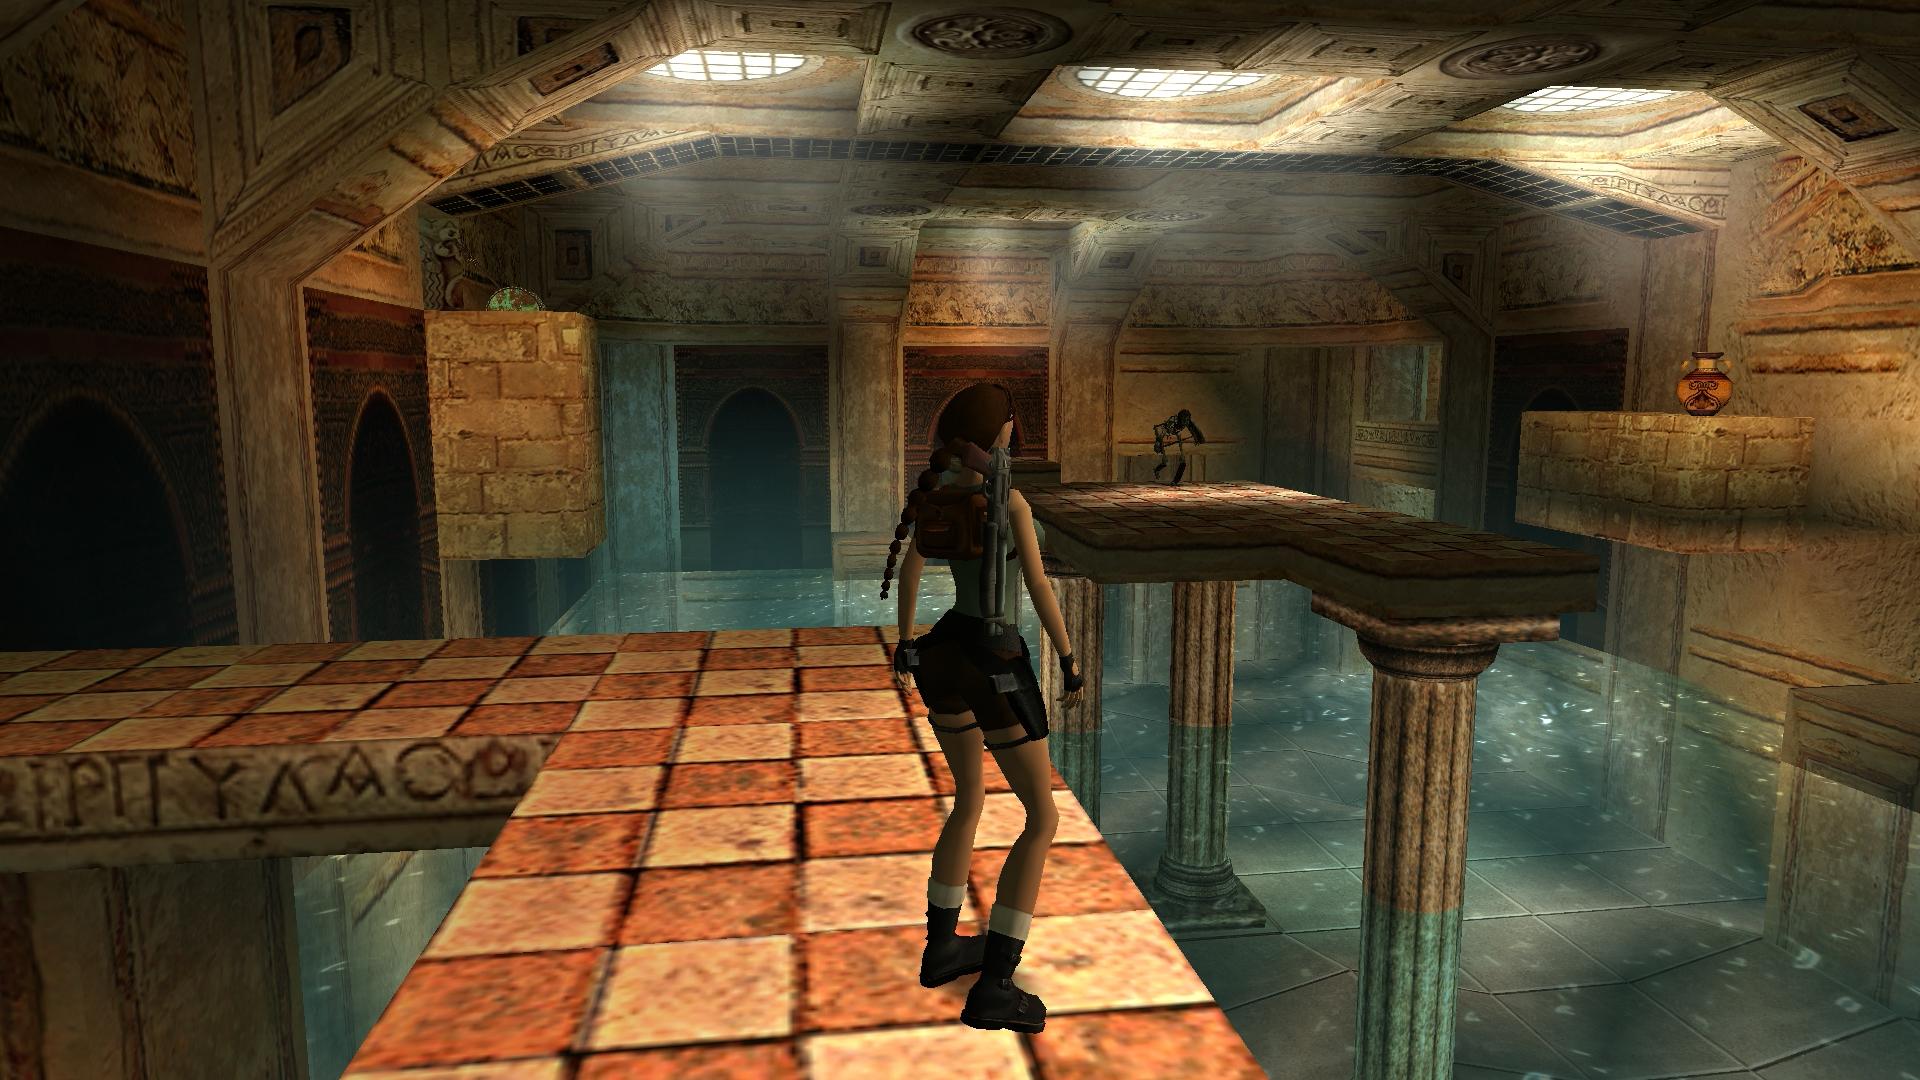 Tomb Raider 4 - Catacombs Remastered